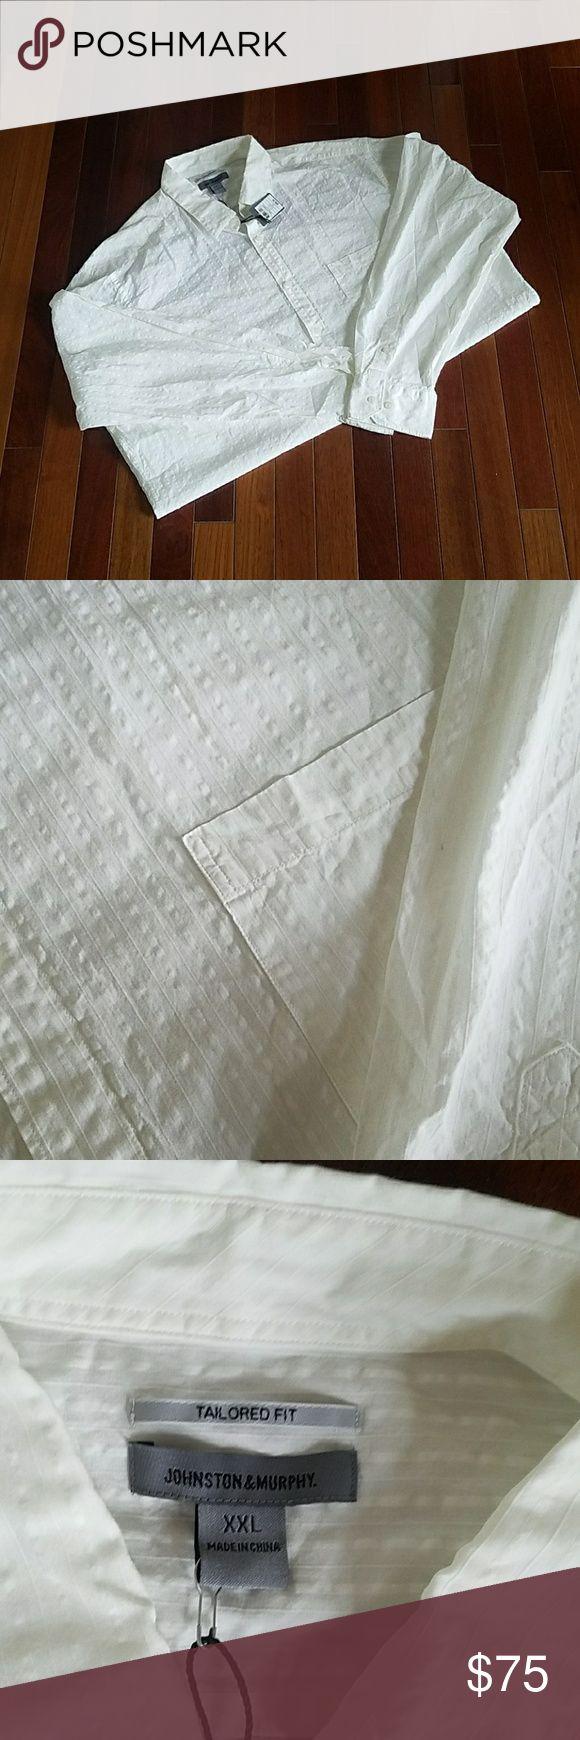 Men's button down shirt Johnson and Murphy white button down shirt size xxl Johnson and Murphy  Shirts